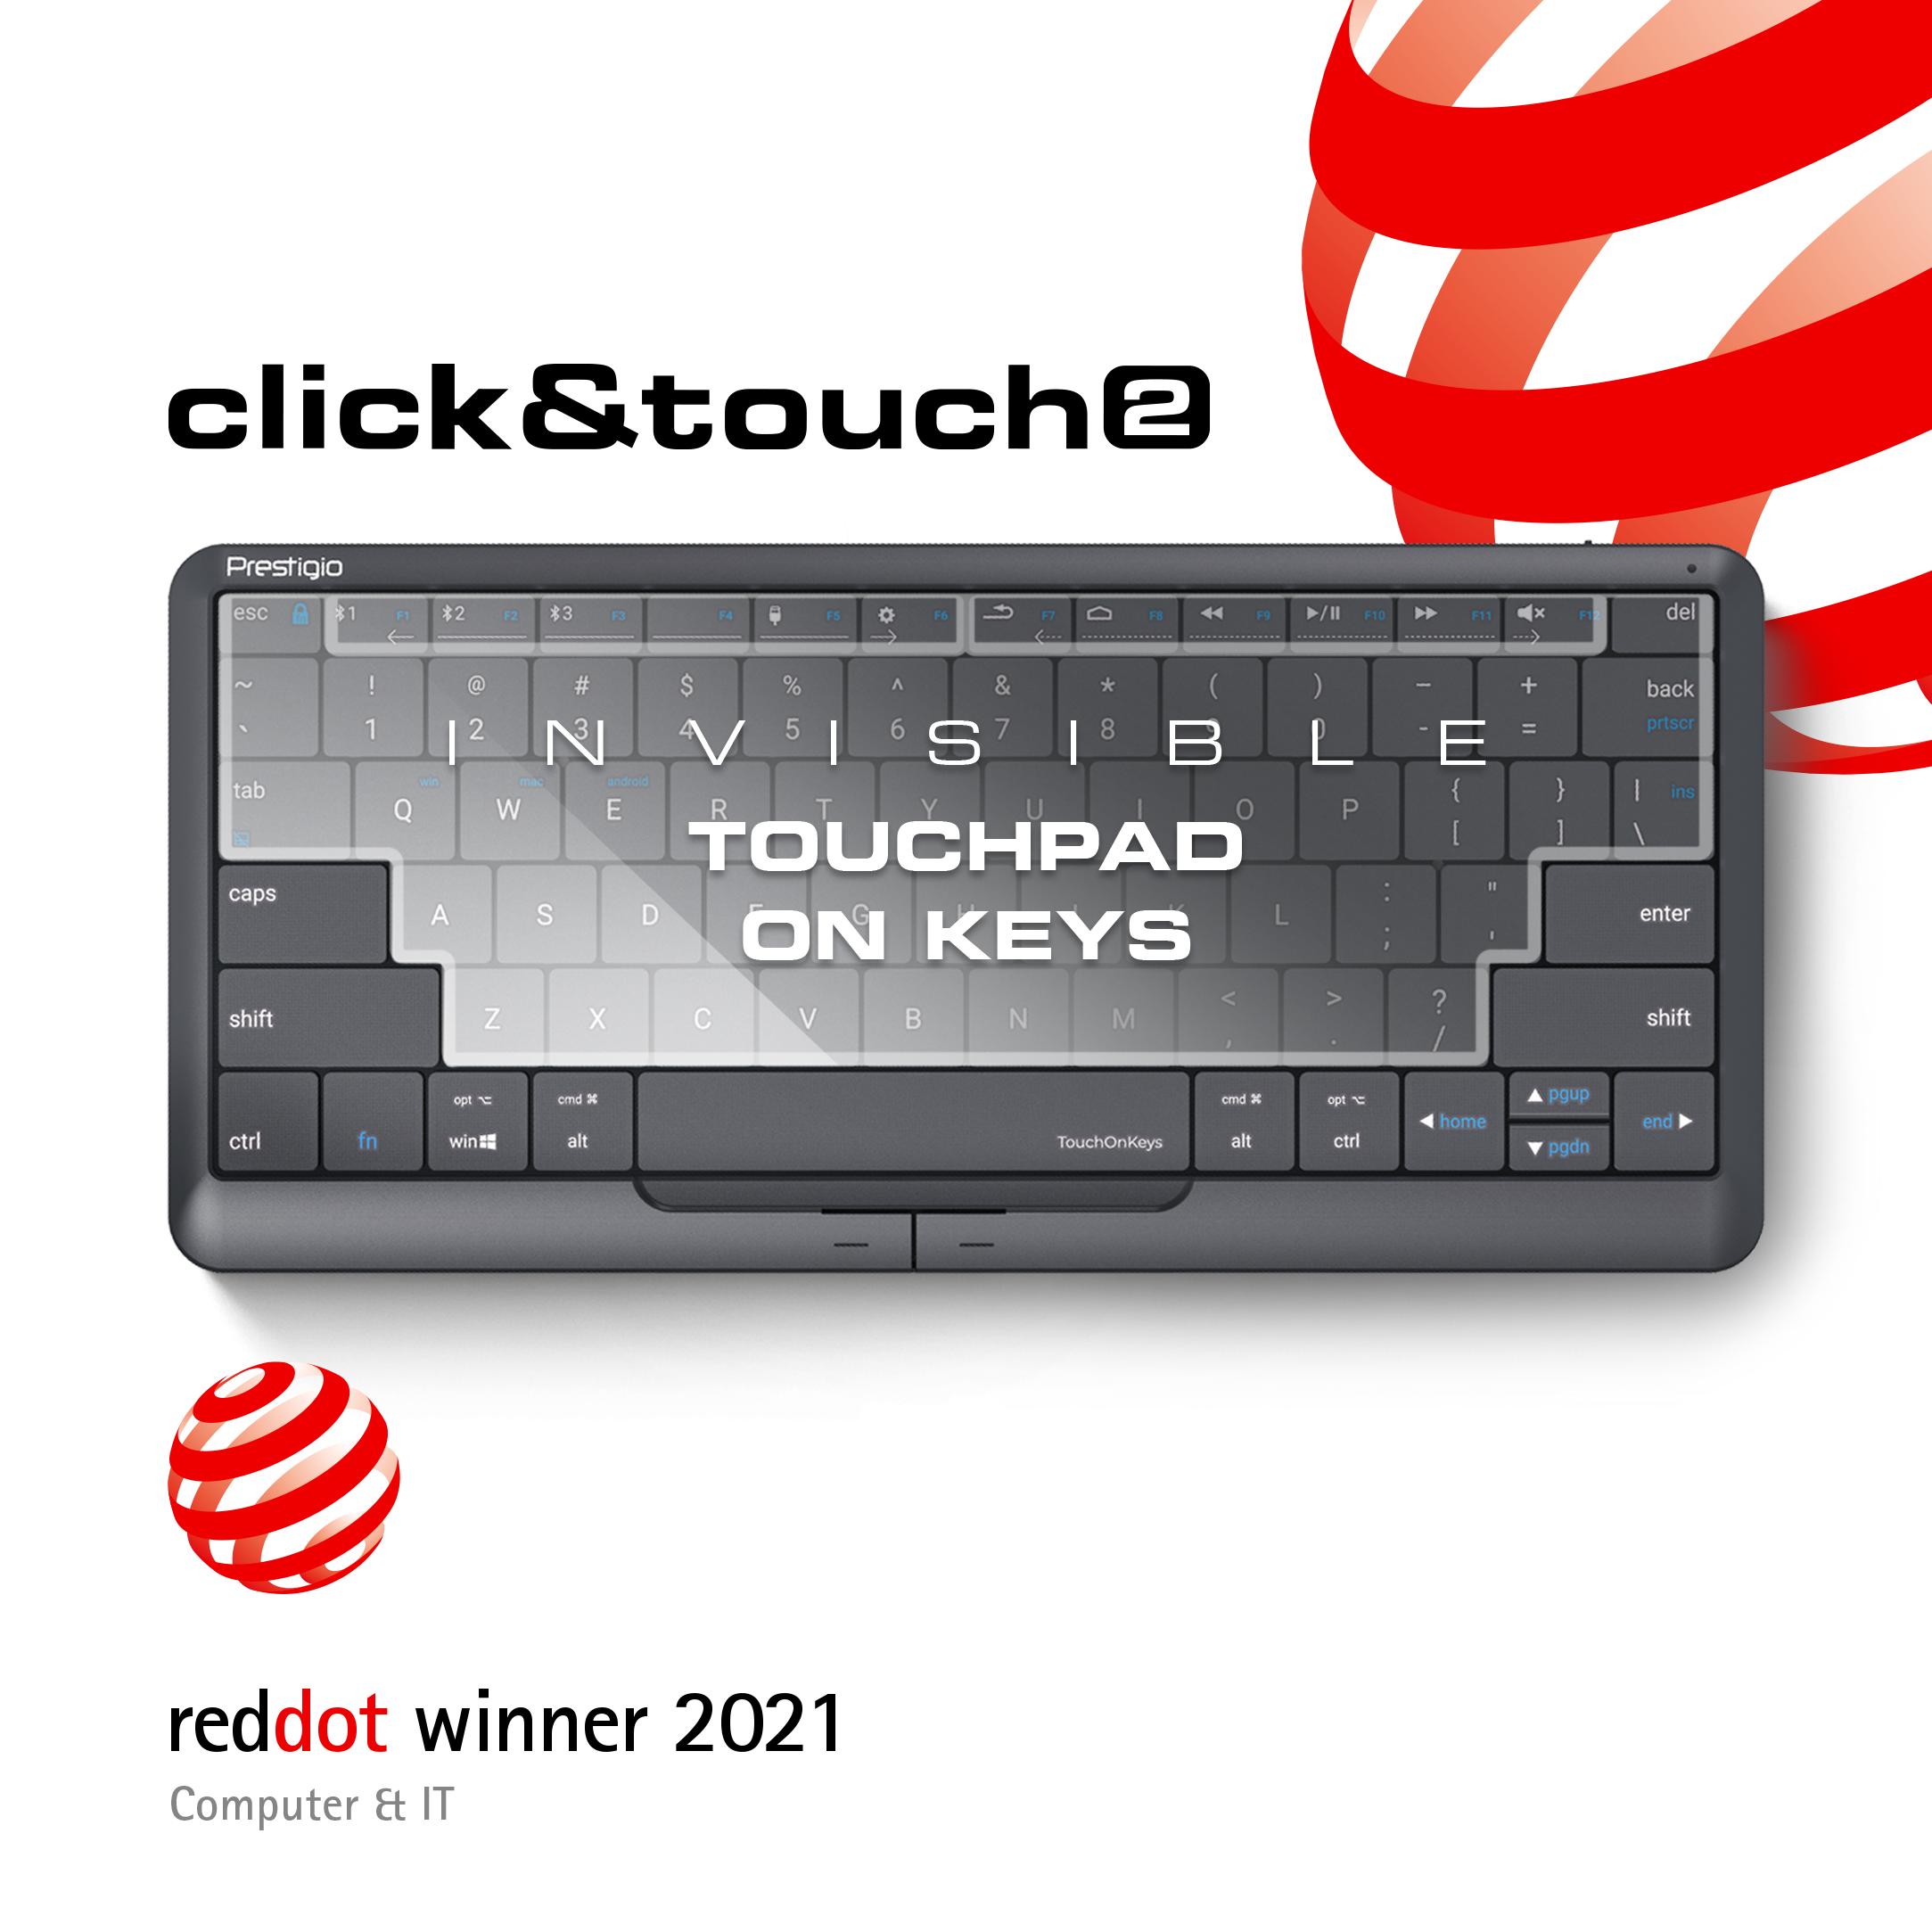 Prestigio Click&Touch 2, tastatura inteligentă premiată cu Red Dot Award Product Design 2021